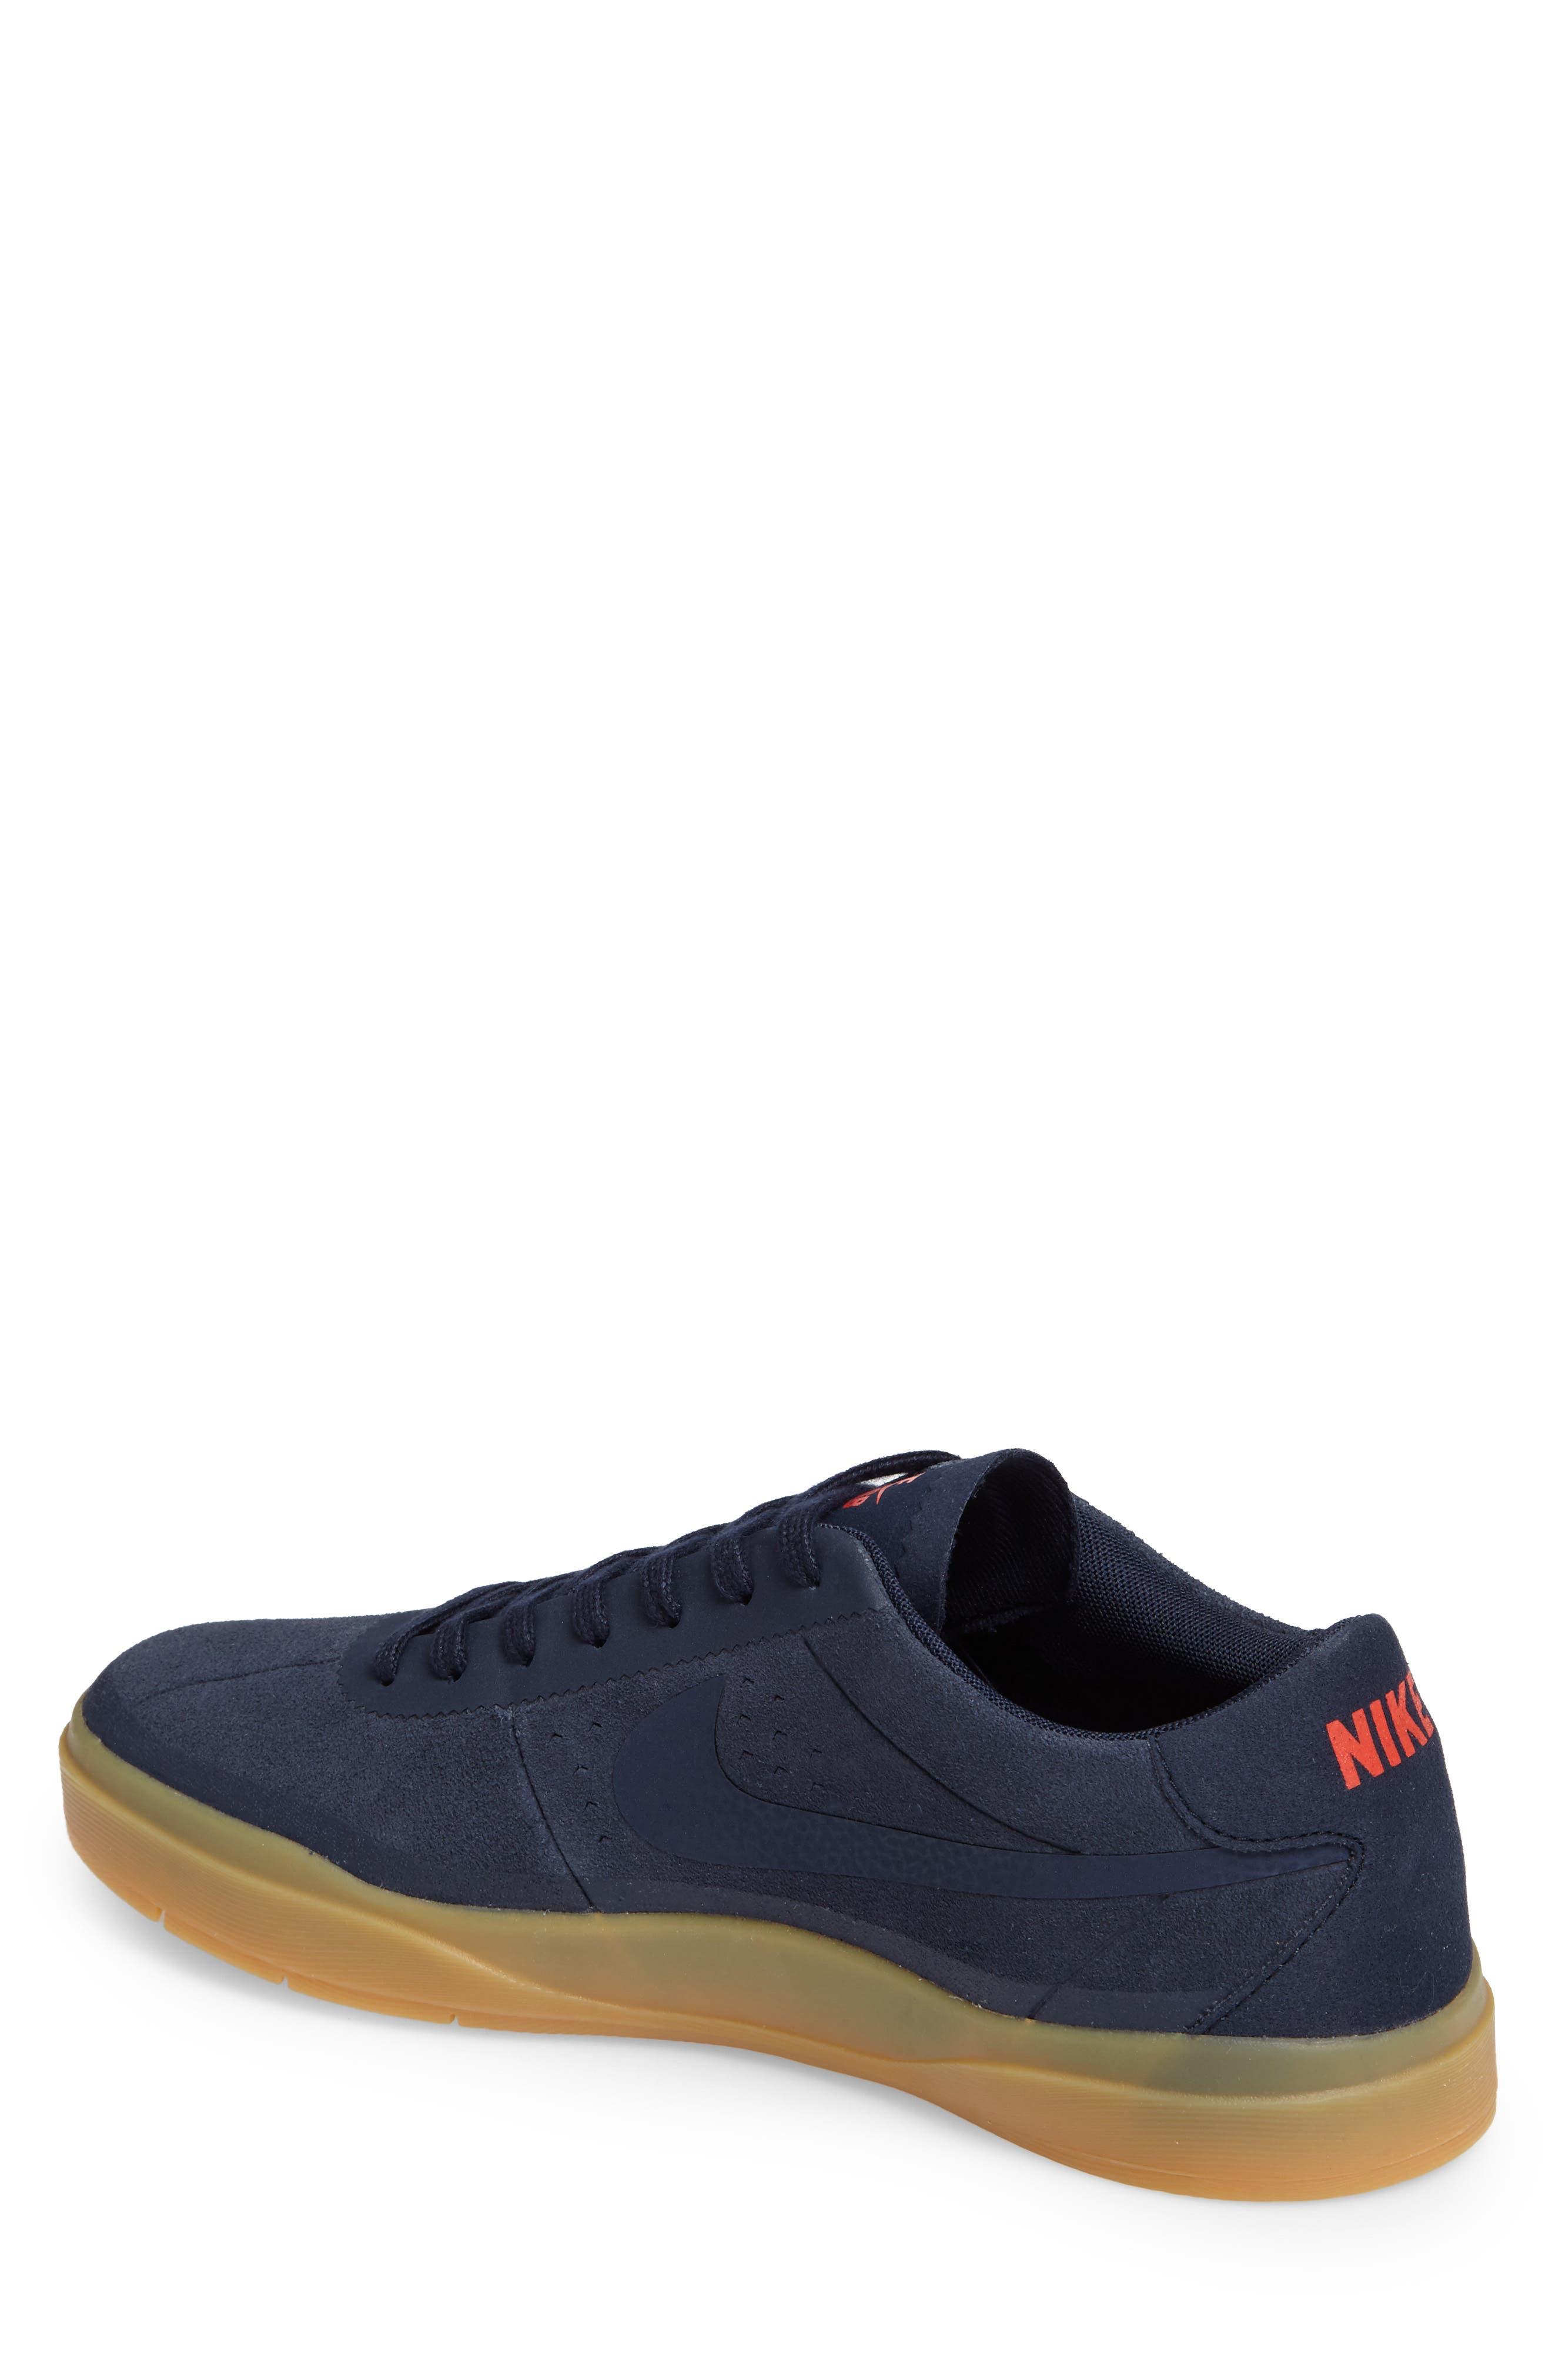 Bruin SB Hyperfeel Skate Shoe,                             Alternate thumbnail 2, color,                             Obsidian/ Obsidian/ Gum